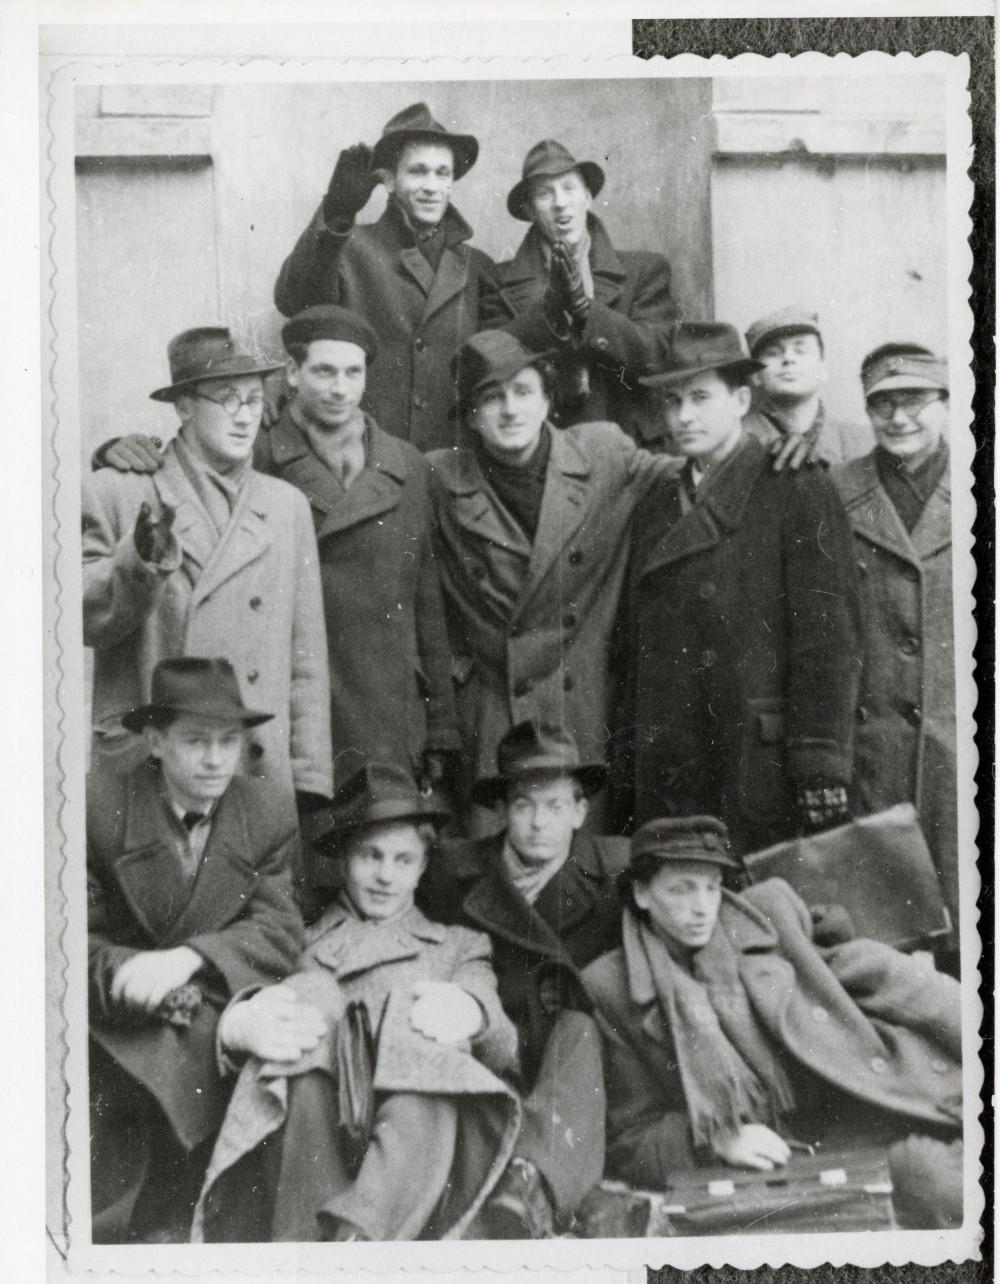 Skrybėlėti ir kepurėti VU filologai. A. Maldonis viršuje pirmas iš kairės. Apie 1952 m.